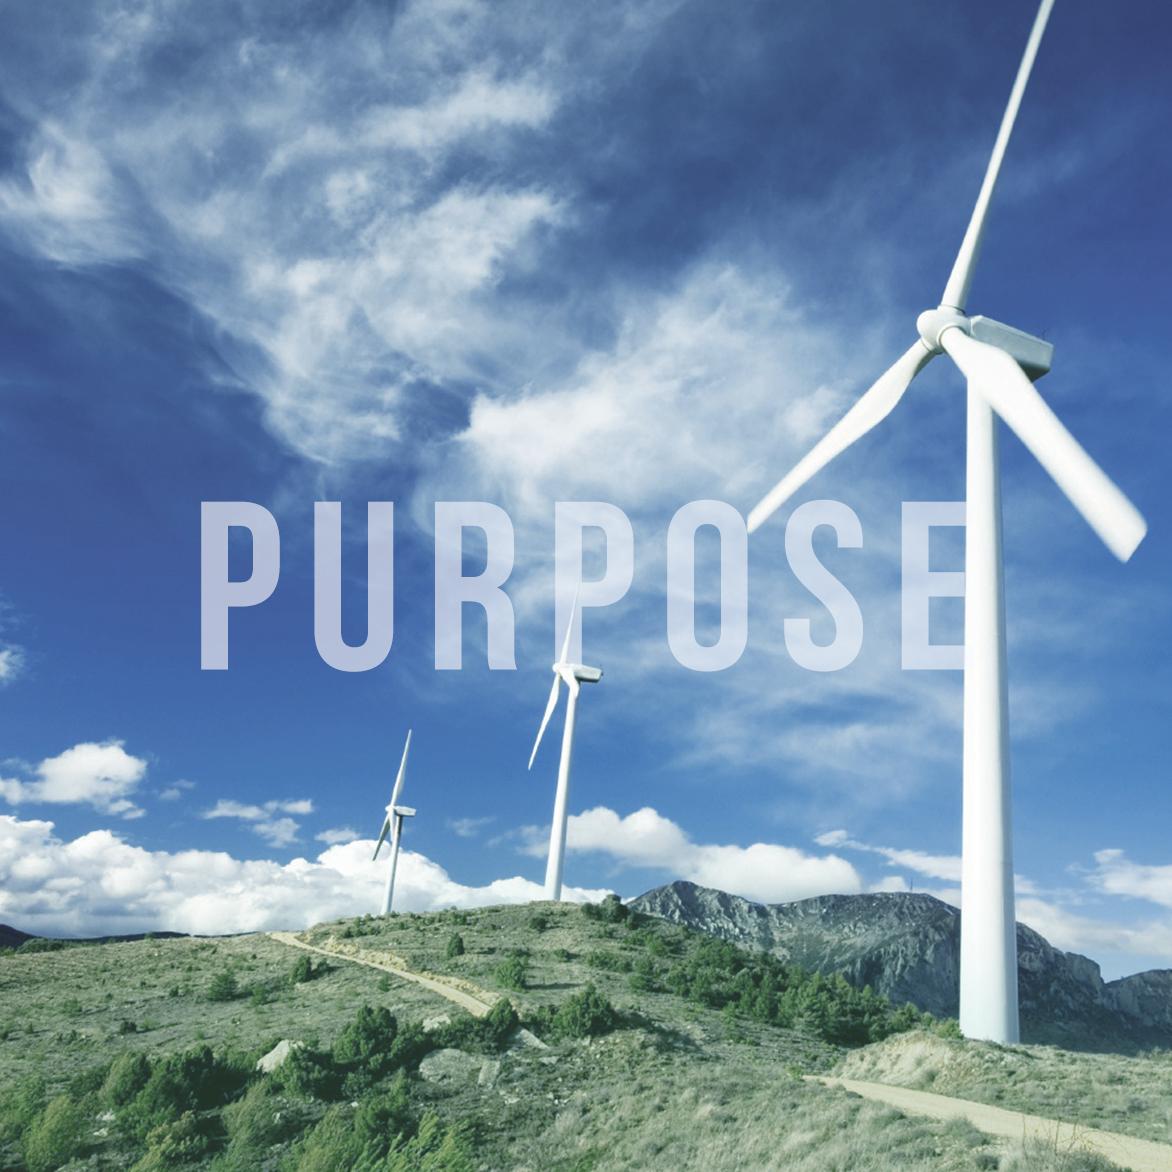 Purpose matters.